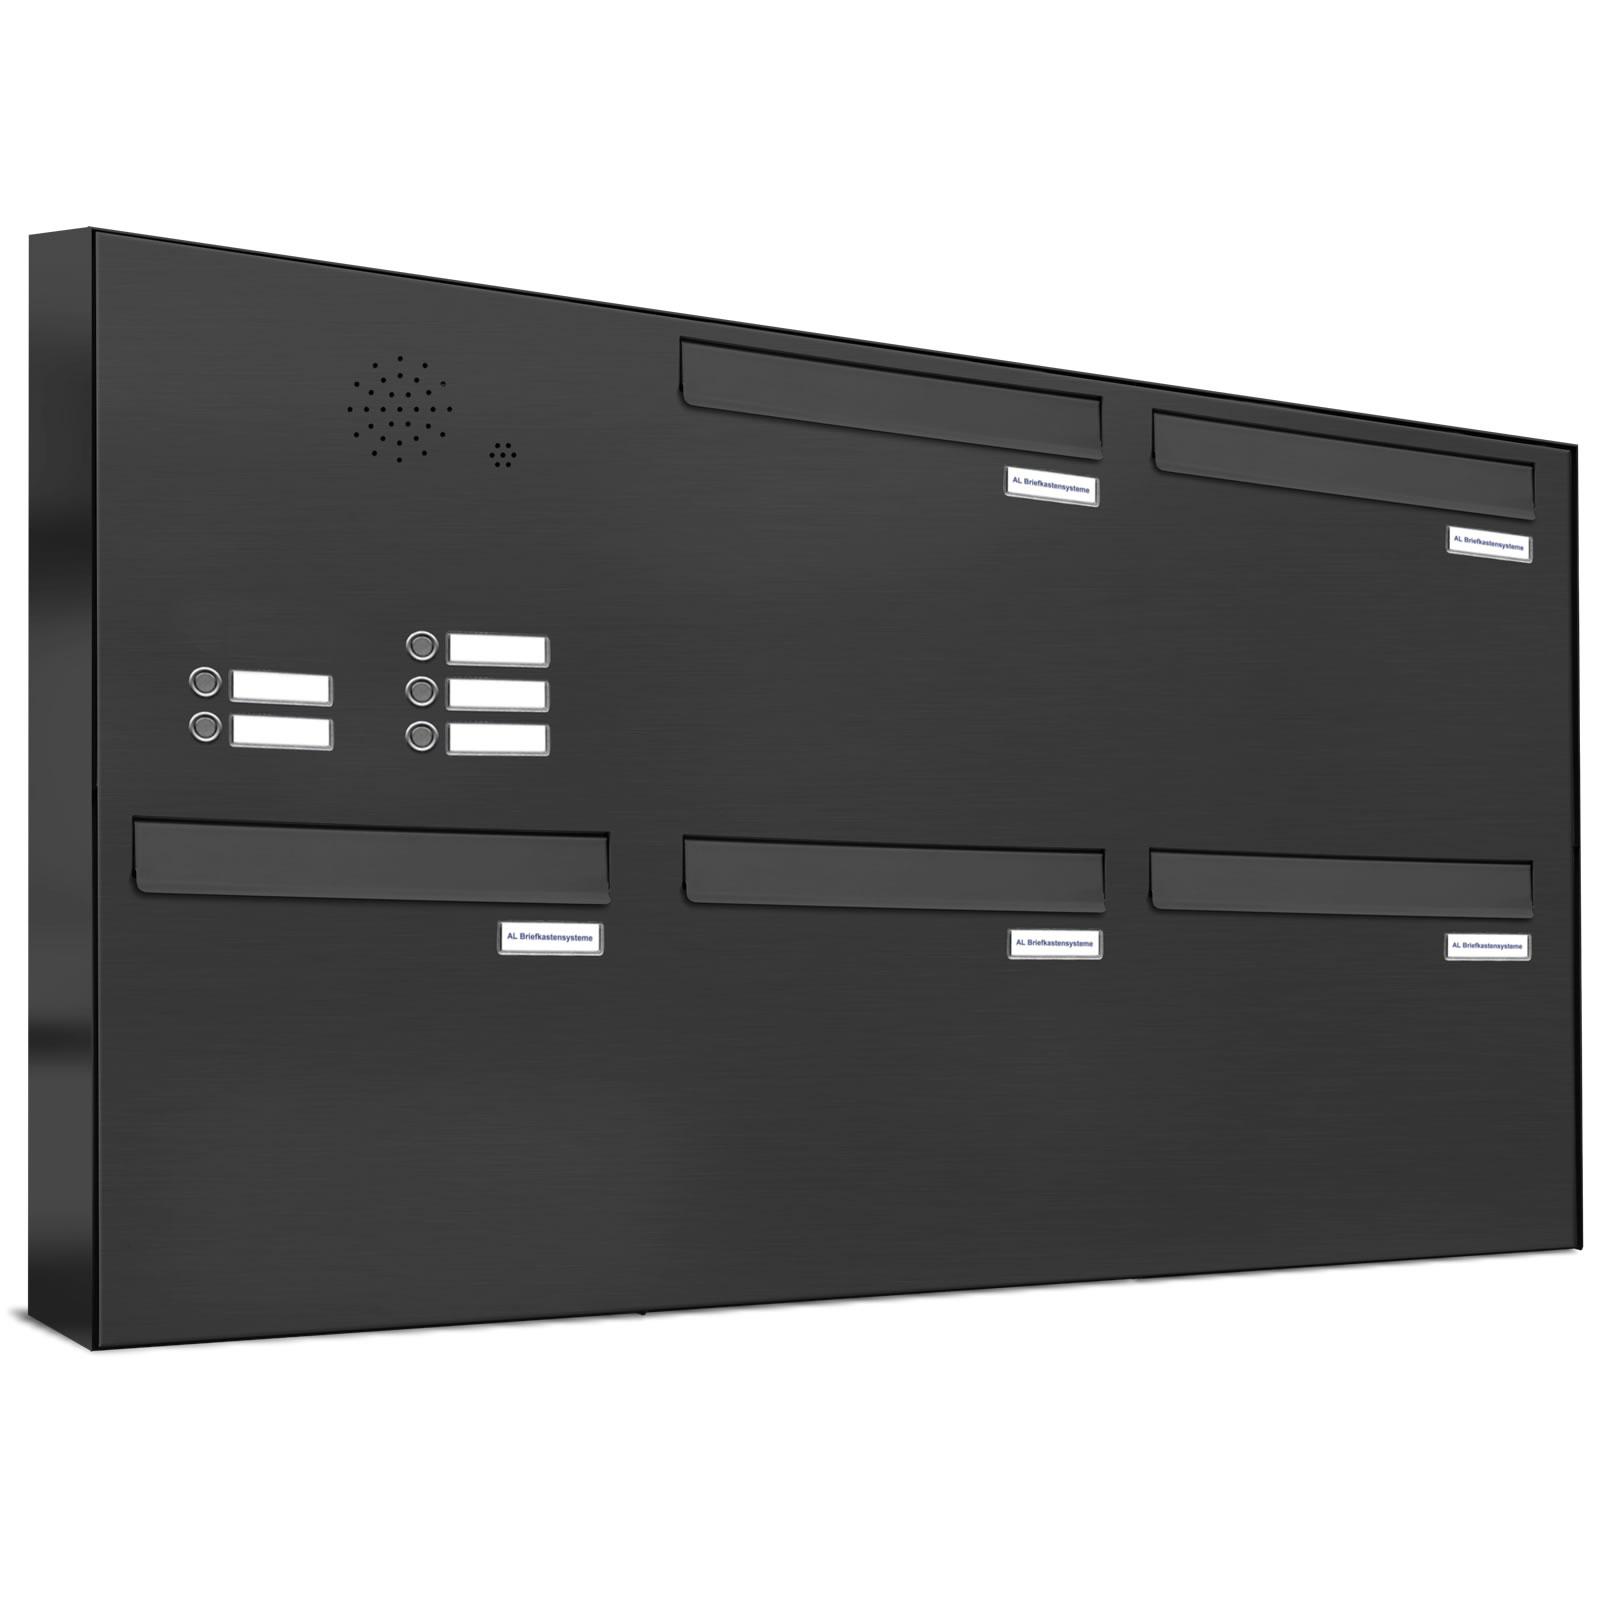 5er briefkastenanlage f r t r zaundurchwurf klingel ral 7016 anthrazit ebay. Black Bedroom Furniture Sets. Home Design Ideas